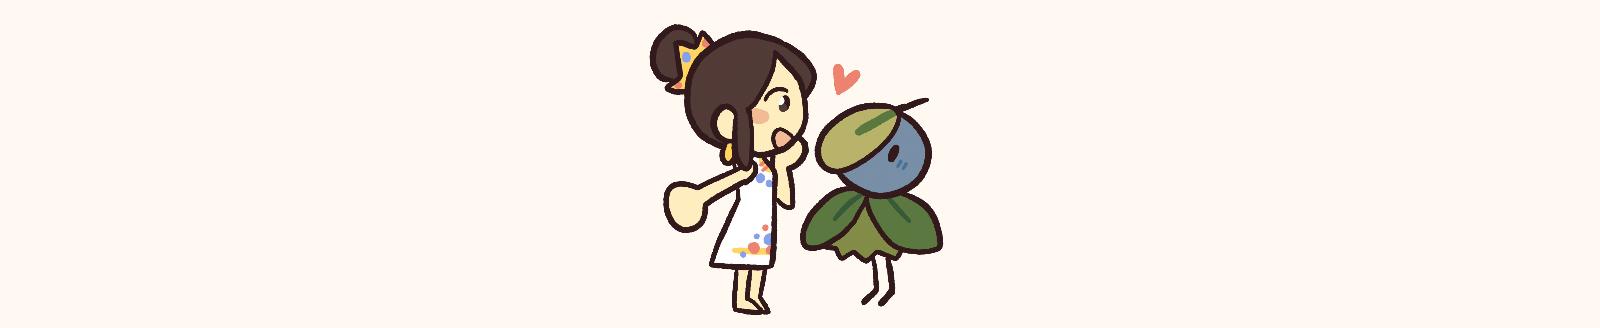 Bai Mudan and a Tea Minion